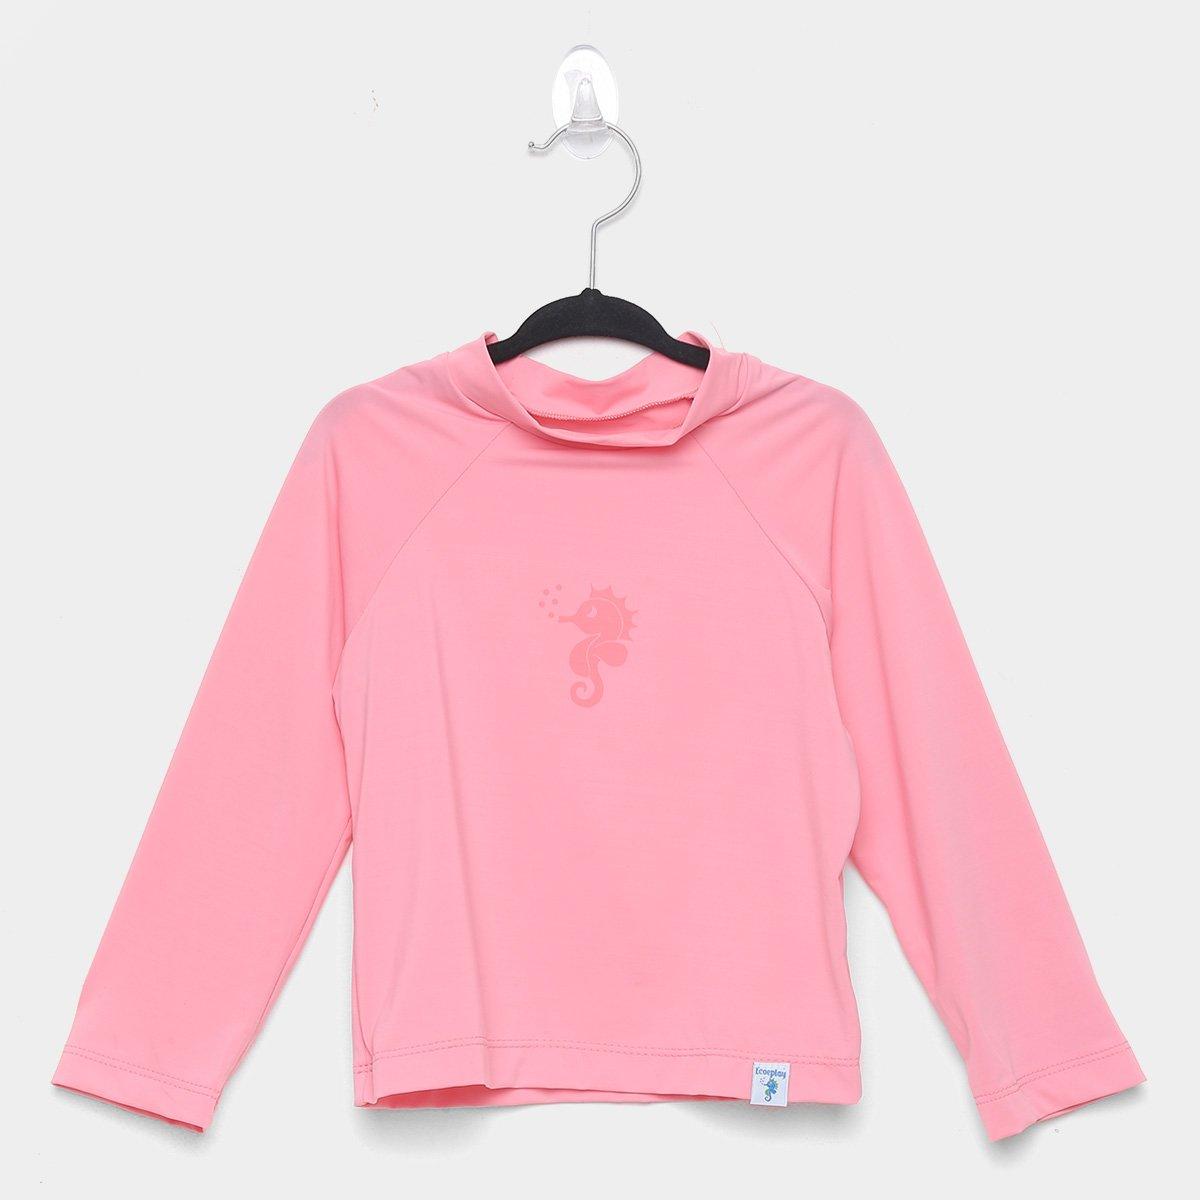 Camiseta Bebê Ecoeplay Manga Longa Proteção UV Feminina